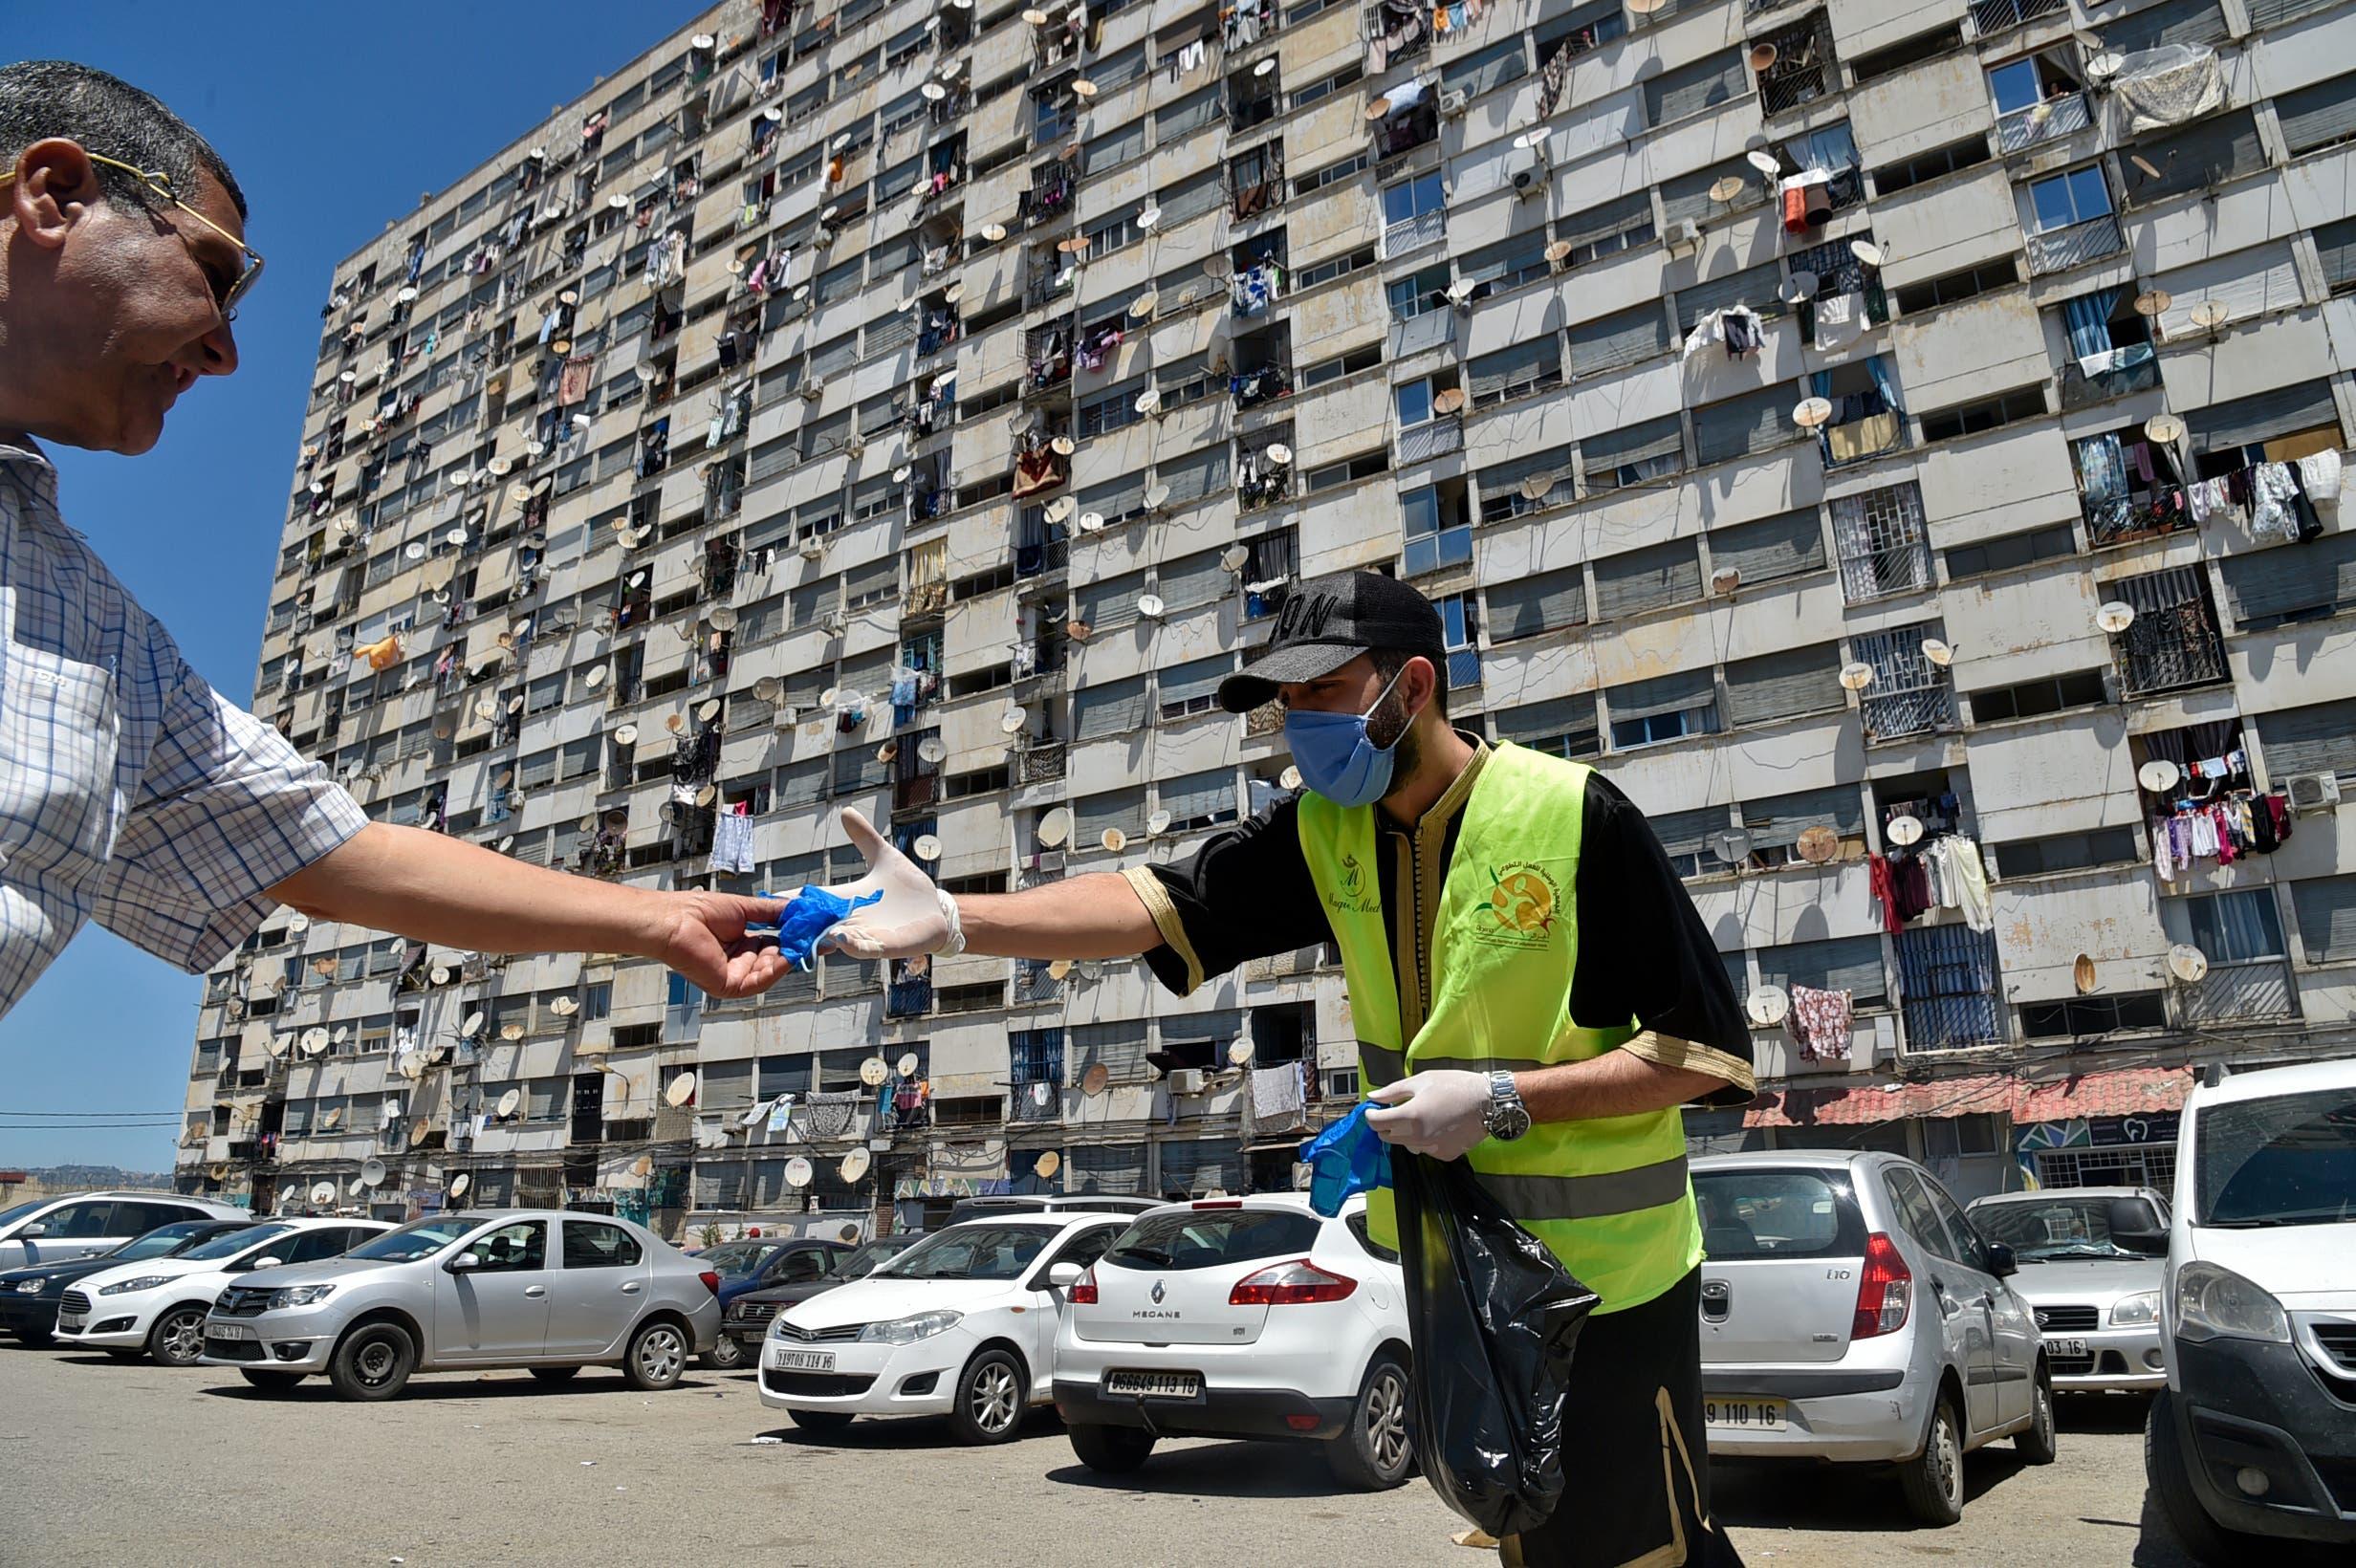 توزيع كمامات في العاصمة الجزائرية للوقاية من كورونا